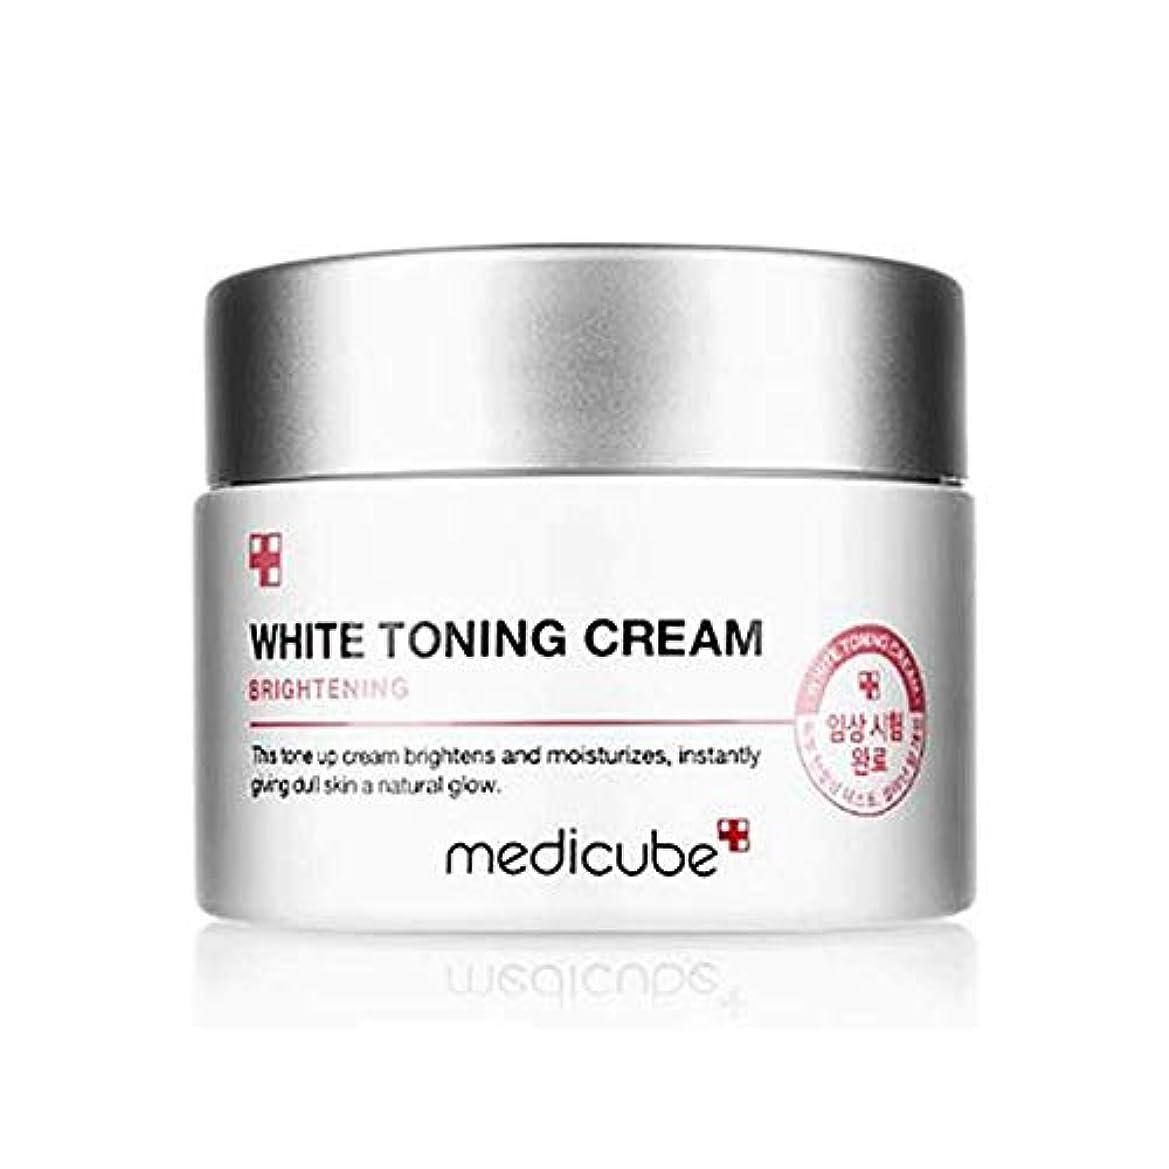 ハングバリケードアリーナMedicube WHITE TONING CREAM メディキューブ ホワイトトーニングクリーム 55ml [並行輸入品]